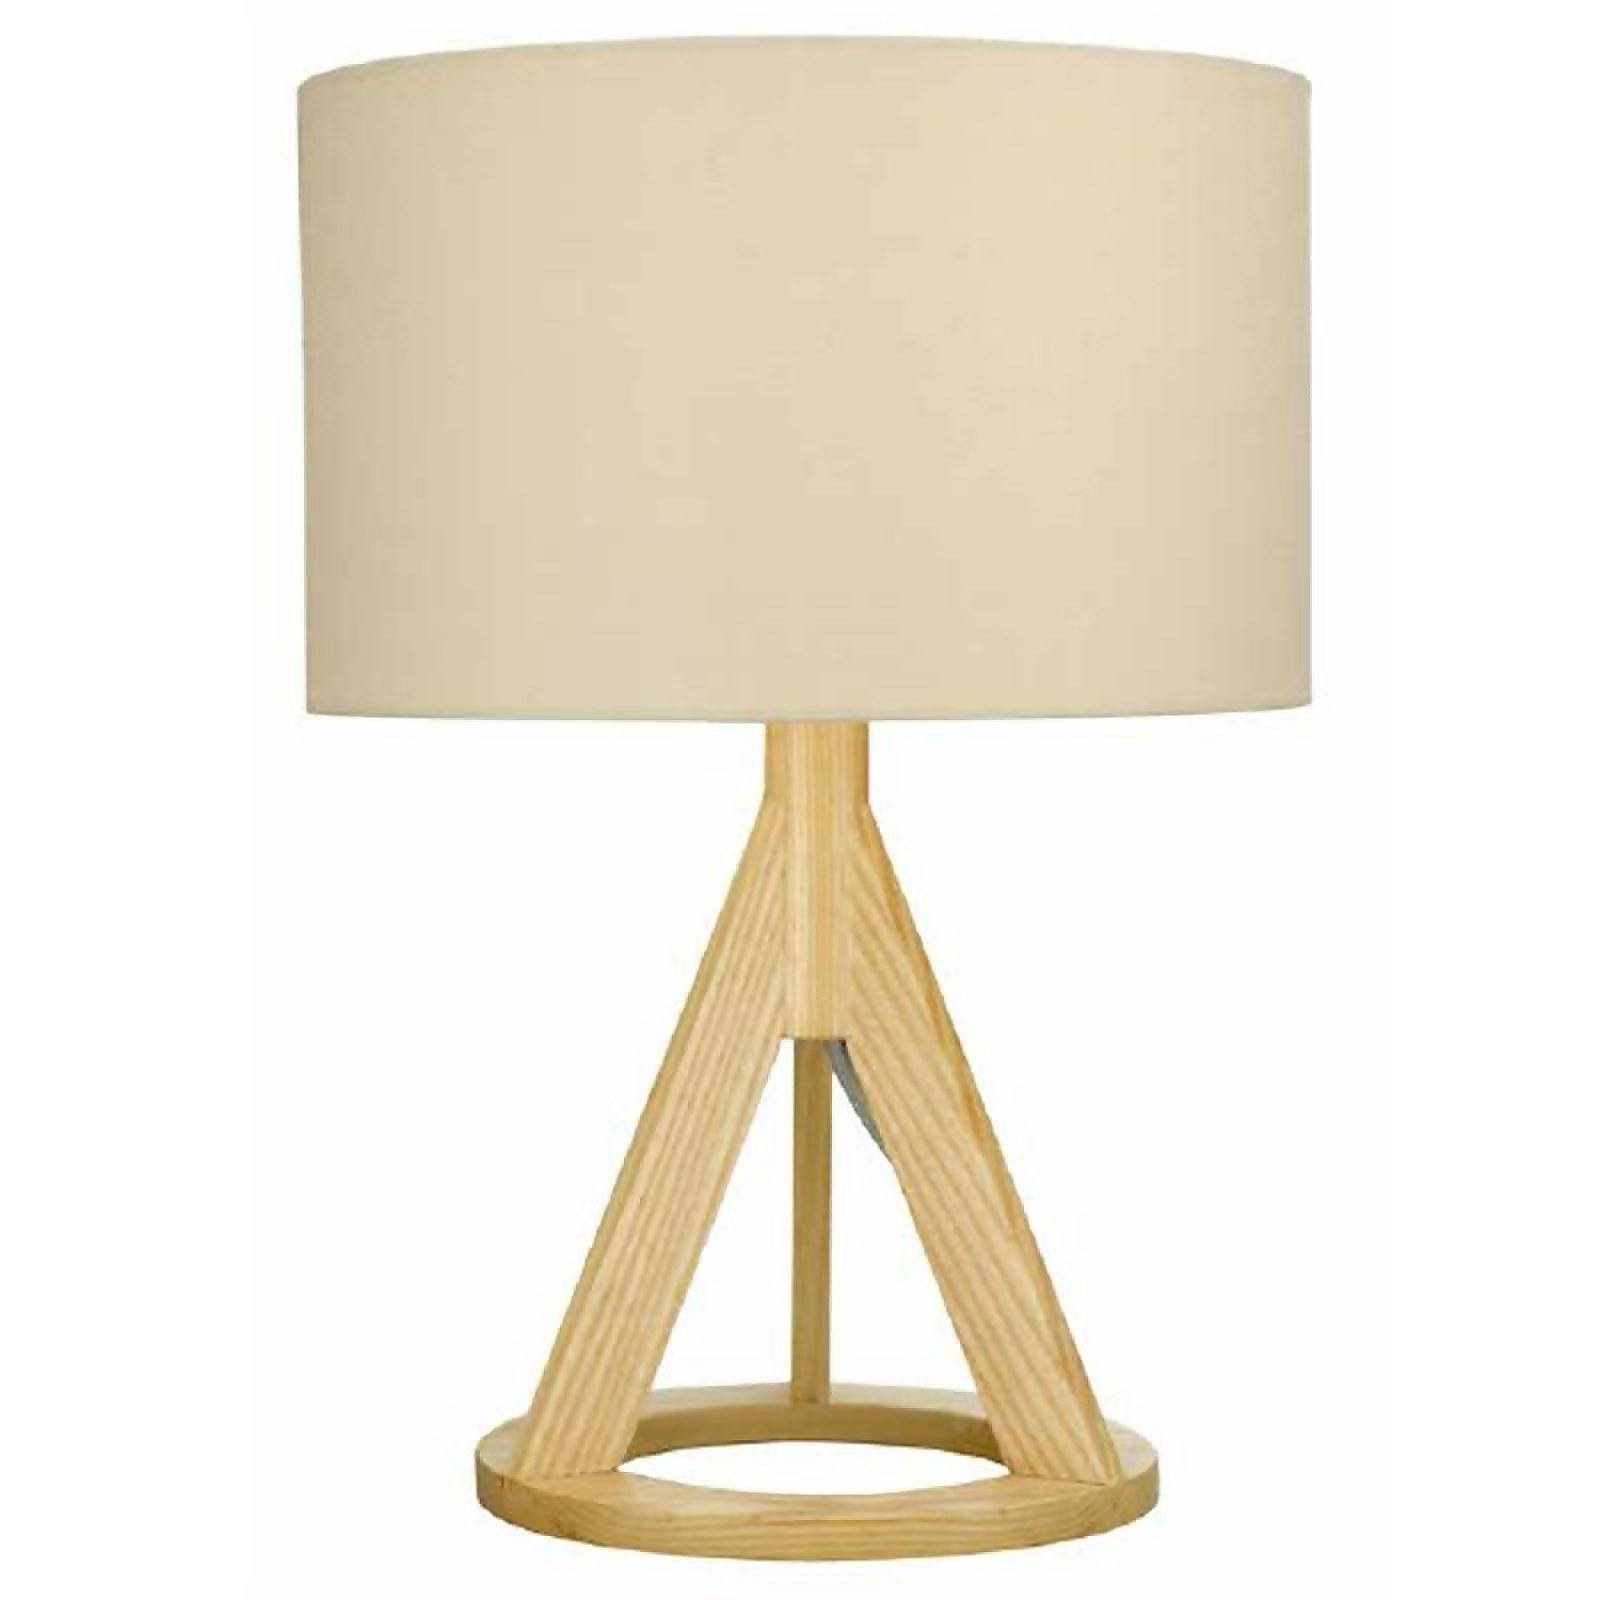 Mason Wooden Tripod Table Lamp - Natural